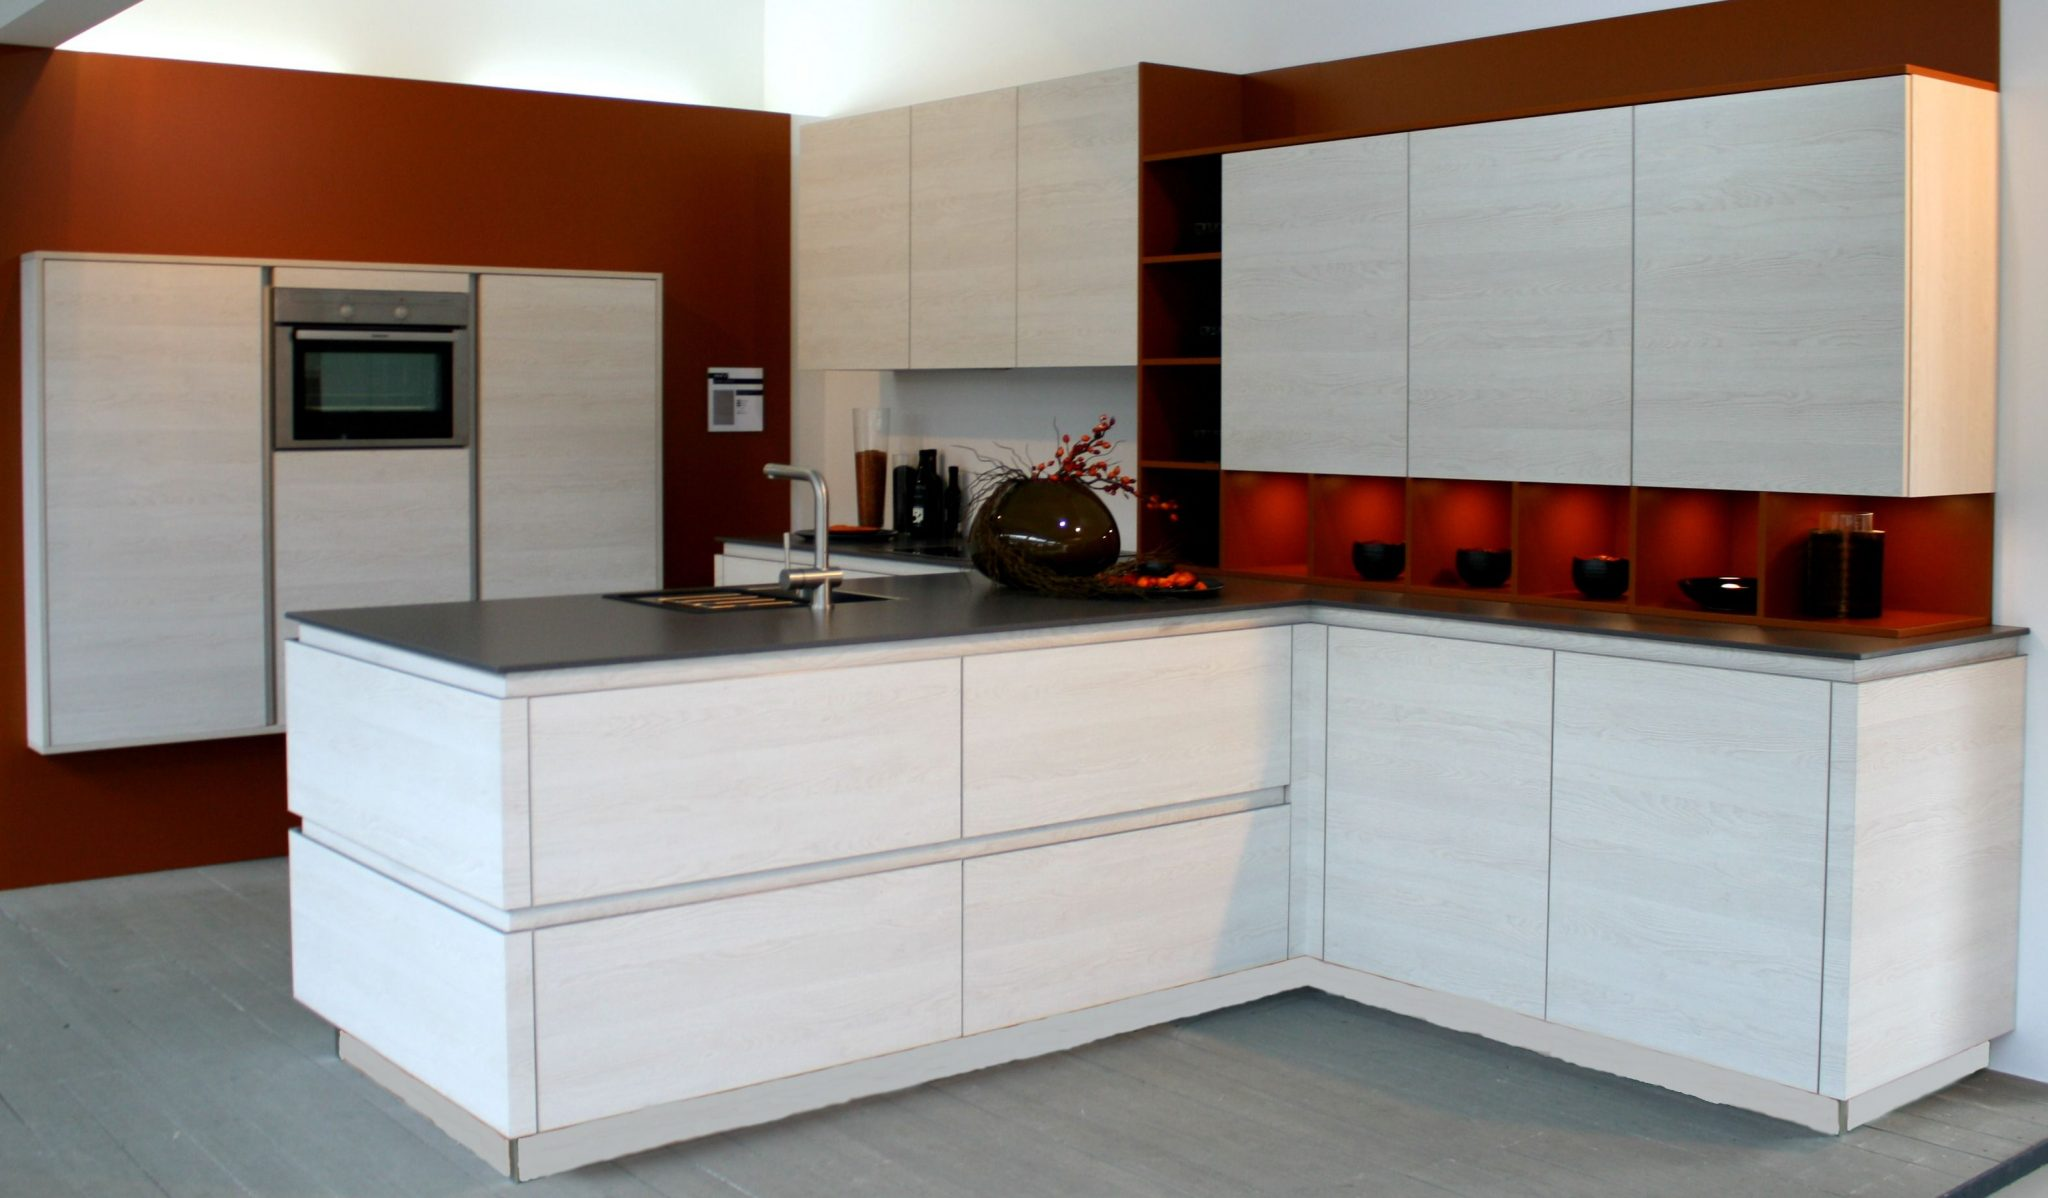 Keuken Wandkast 5 : T keuken greeploos 2.5 bkb keukens